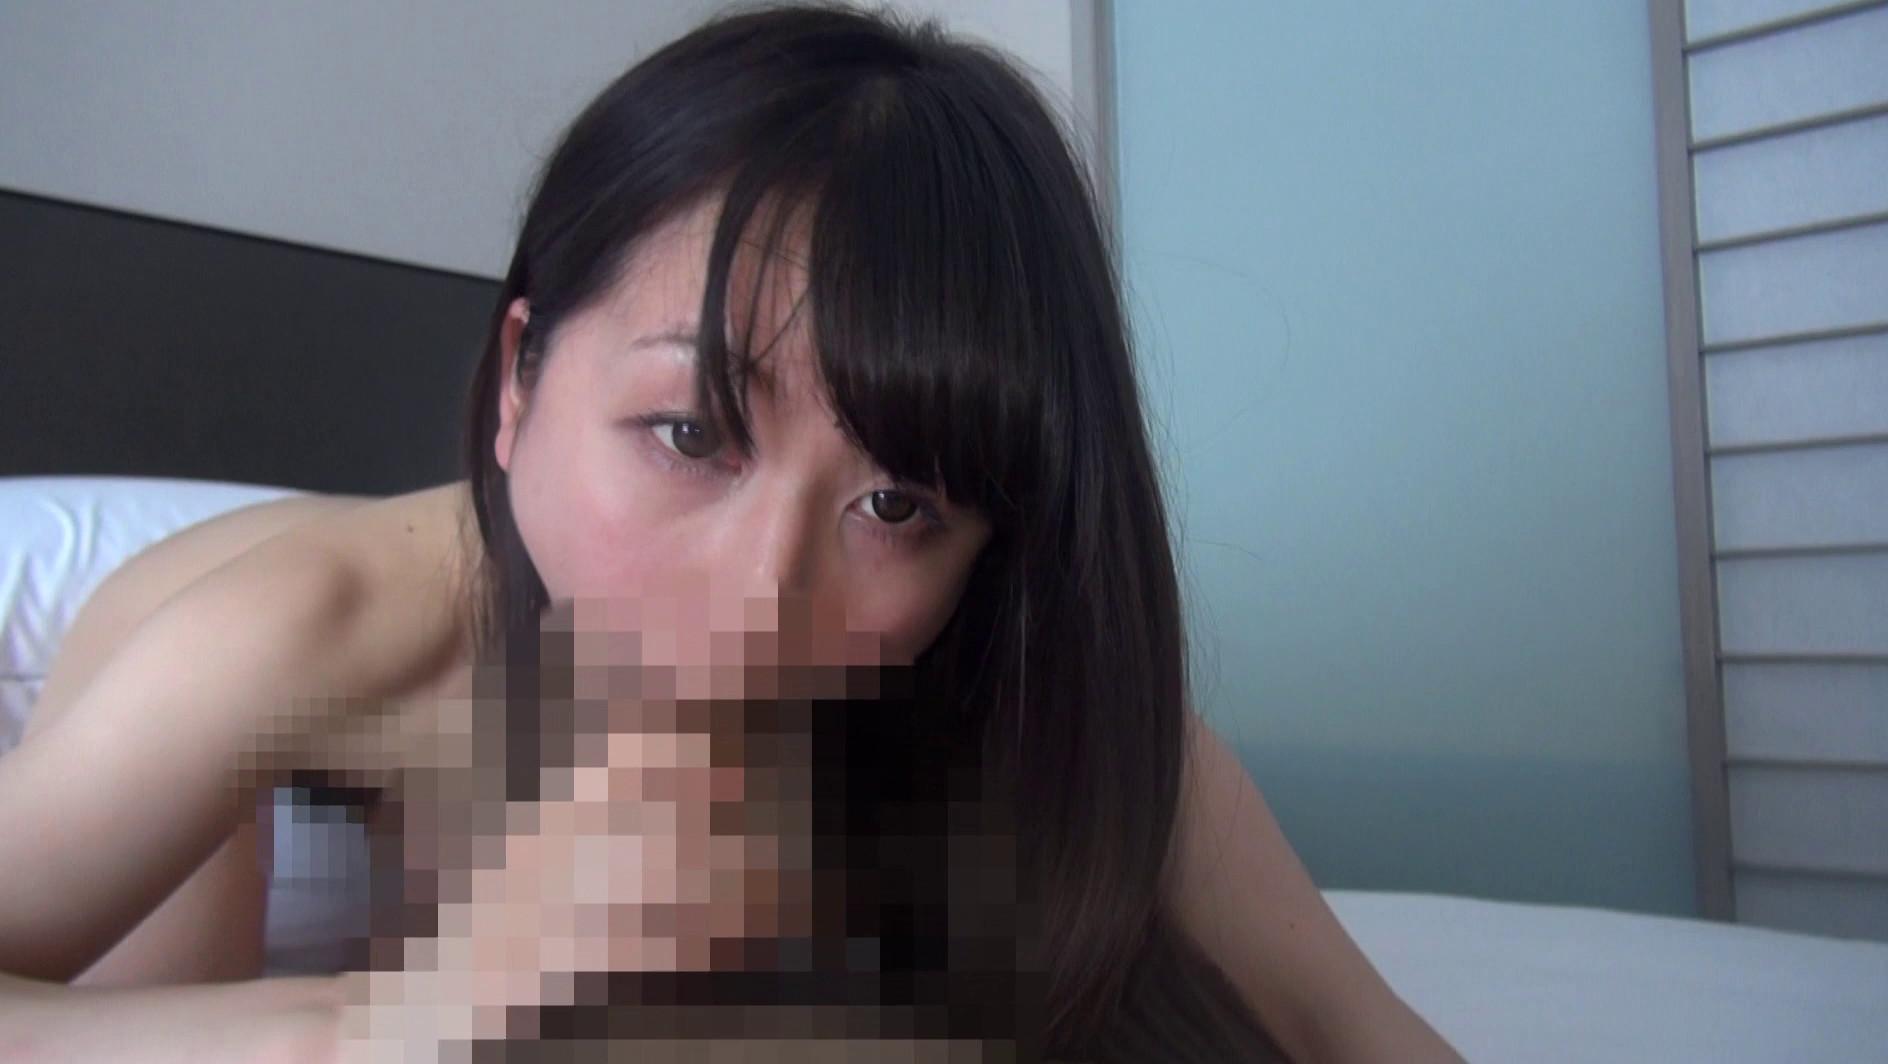 【独占放送】かわいい素○娘をナンパしてハメる! 4時間 Vol.18